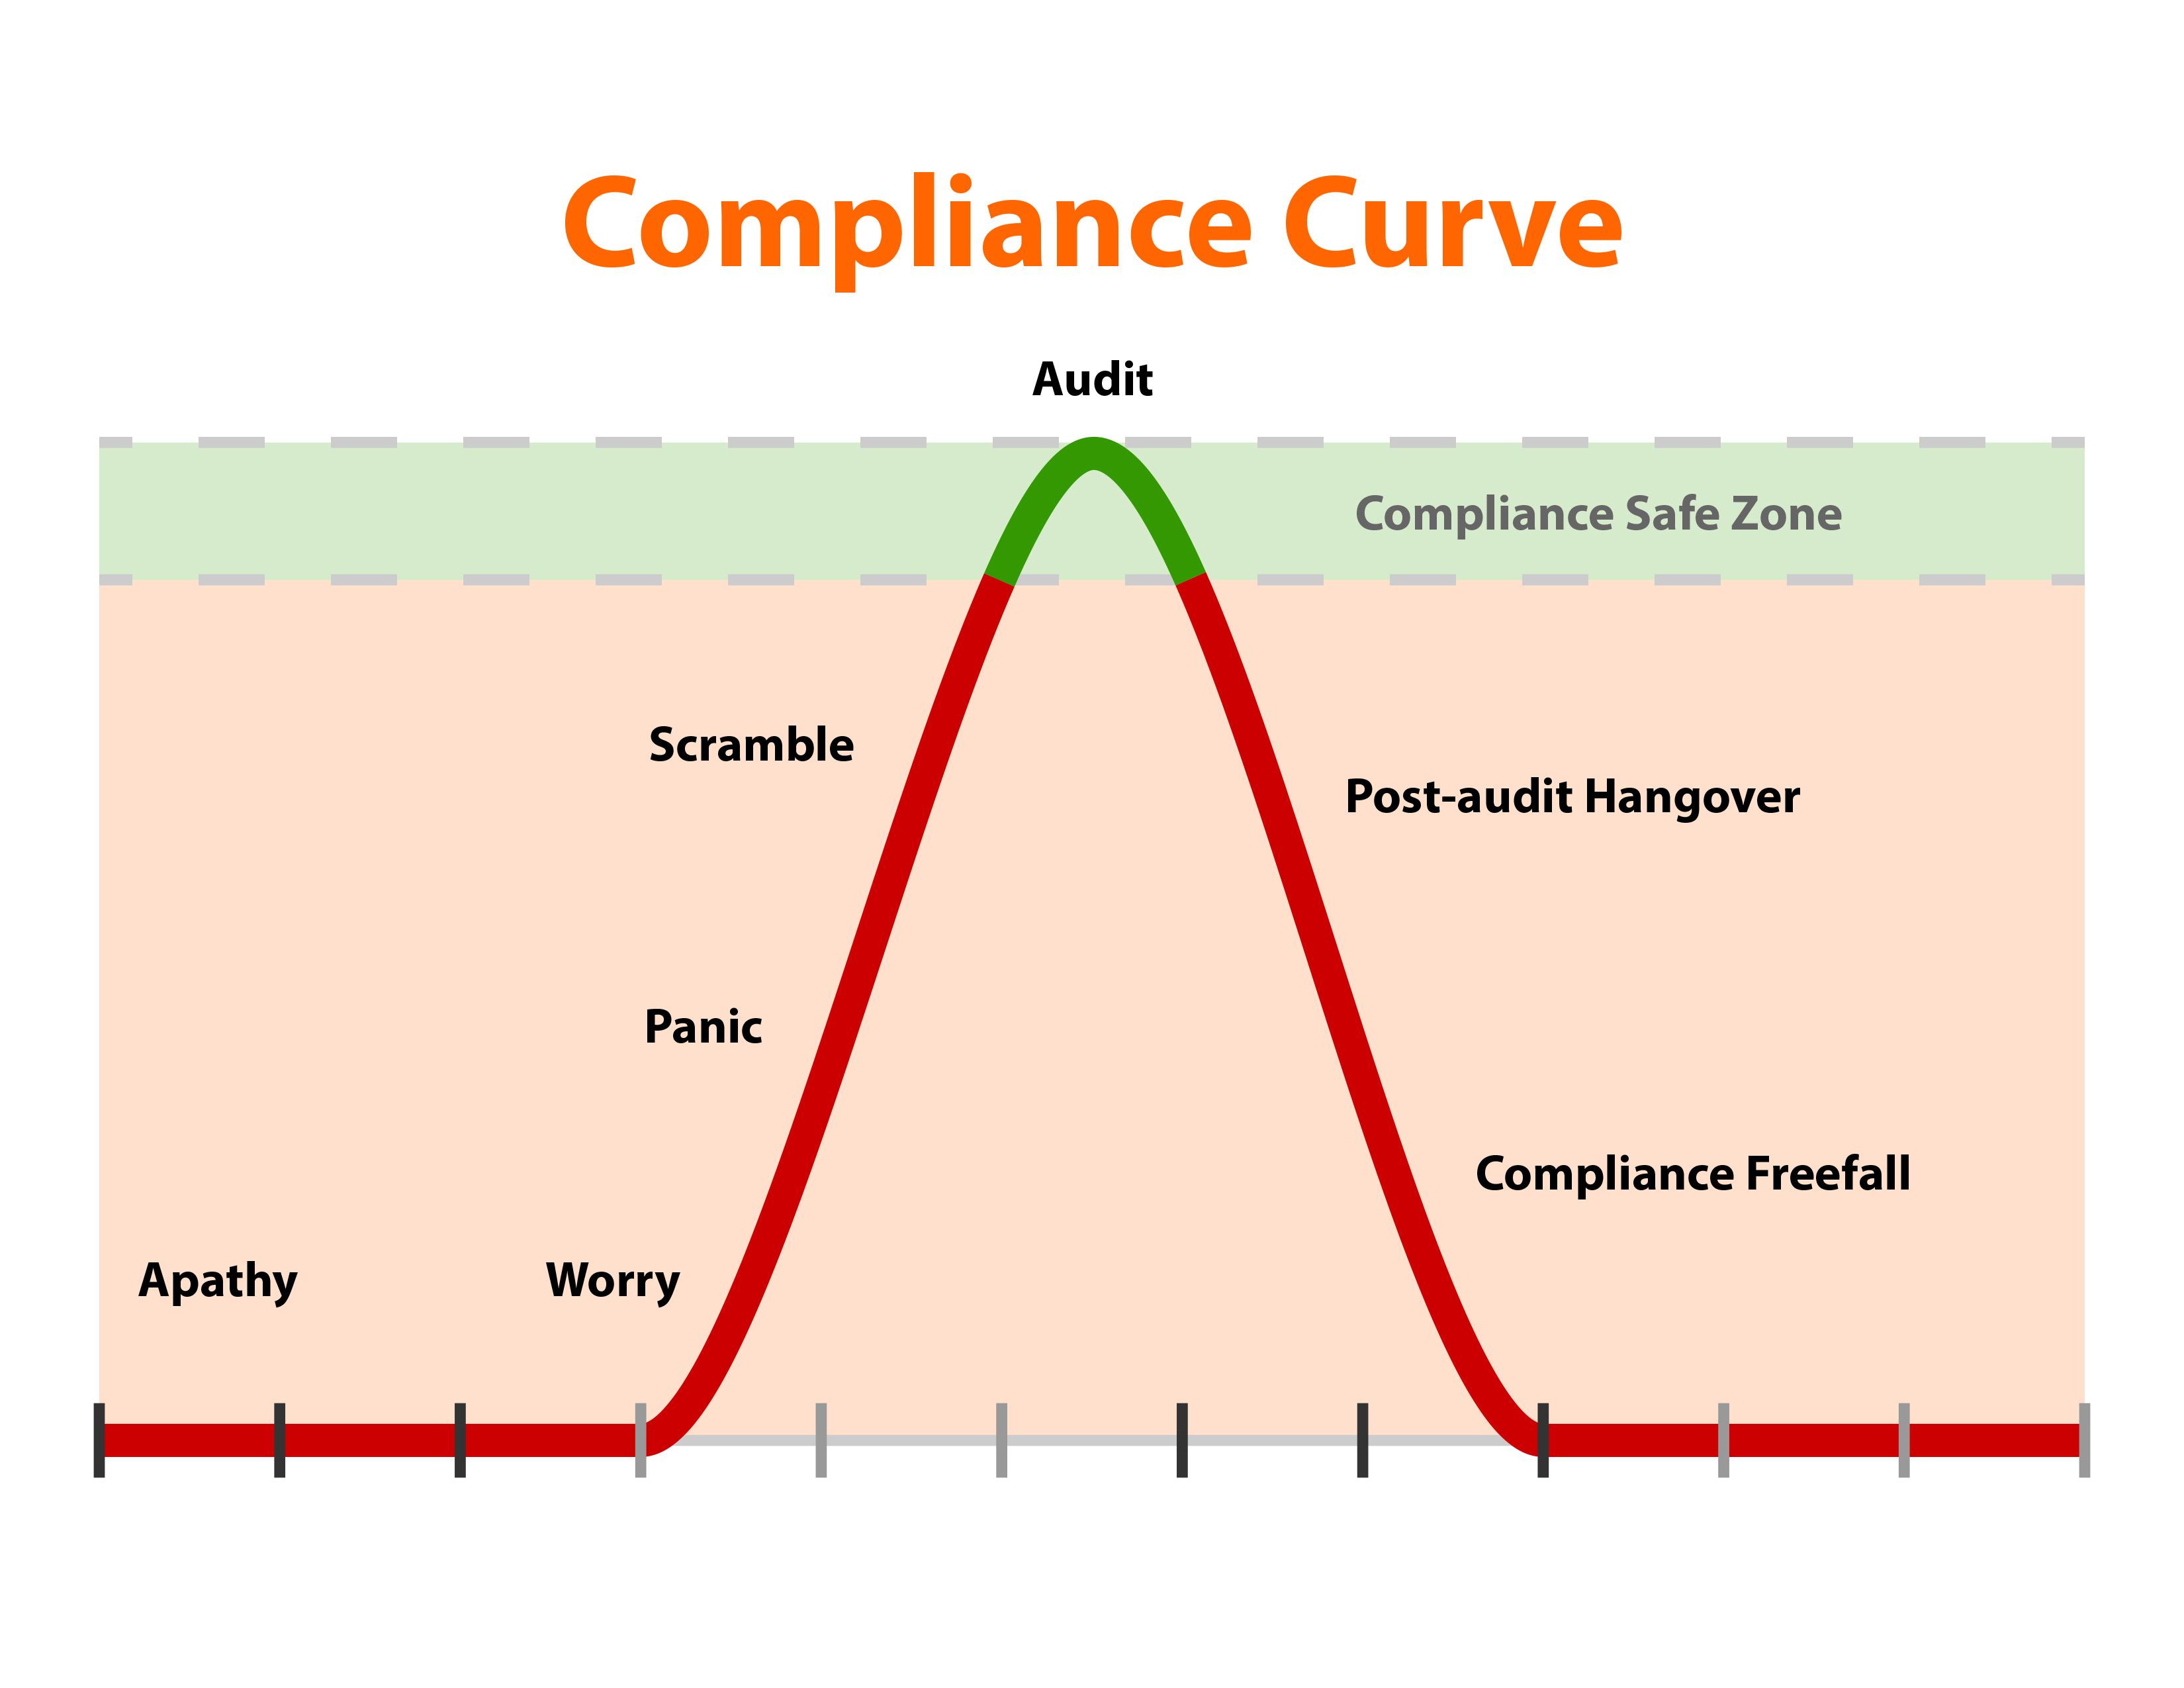 Compliance Curve